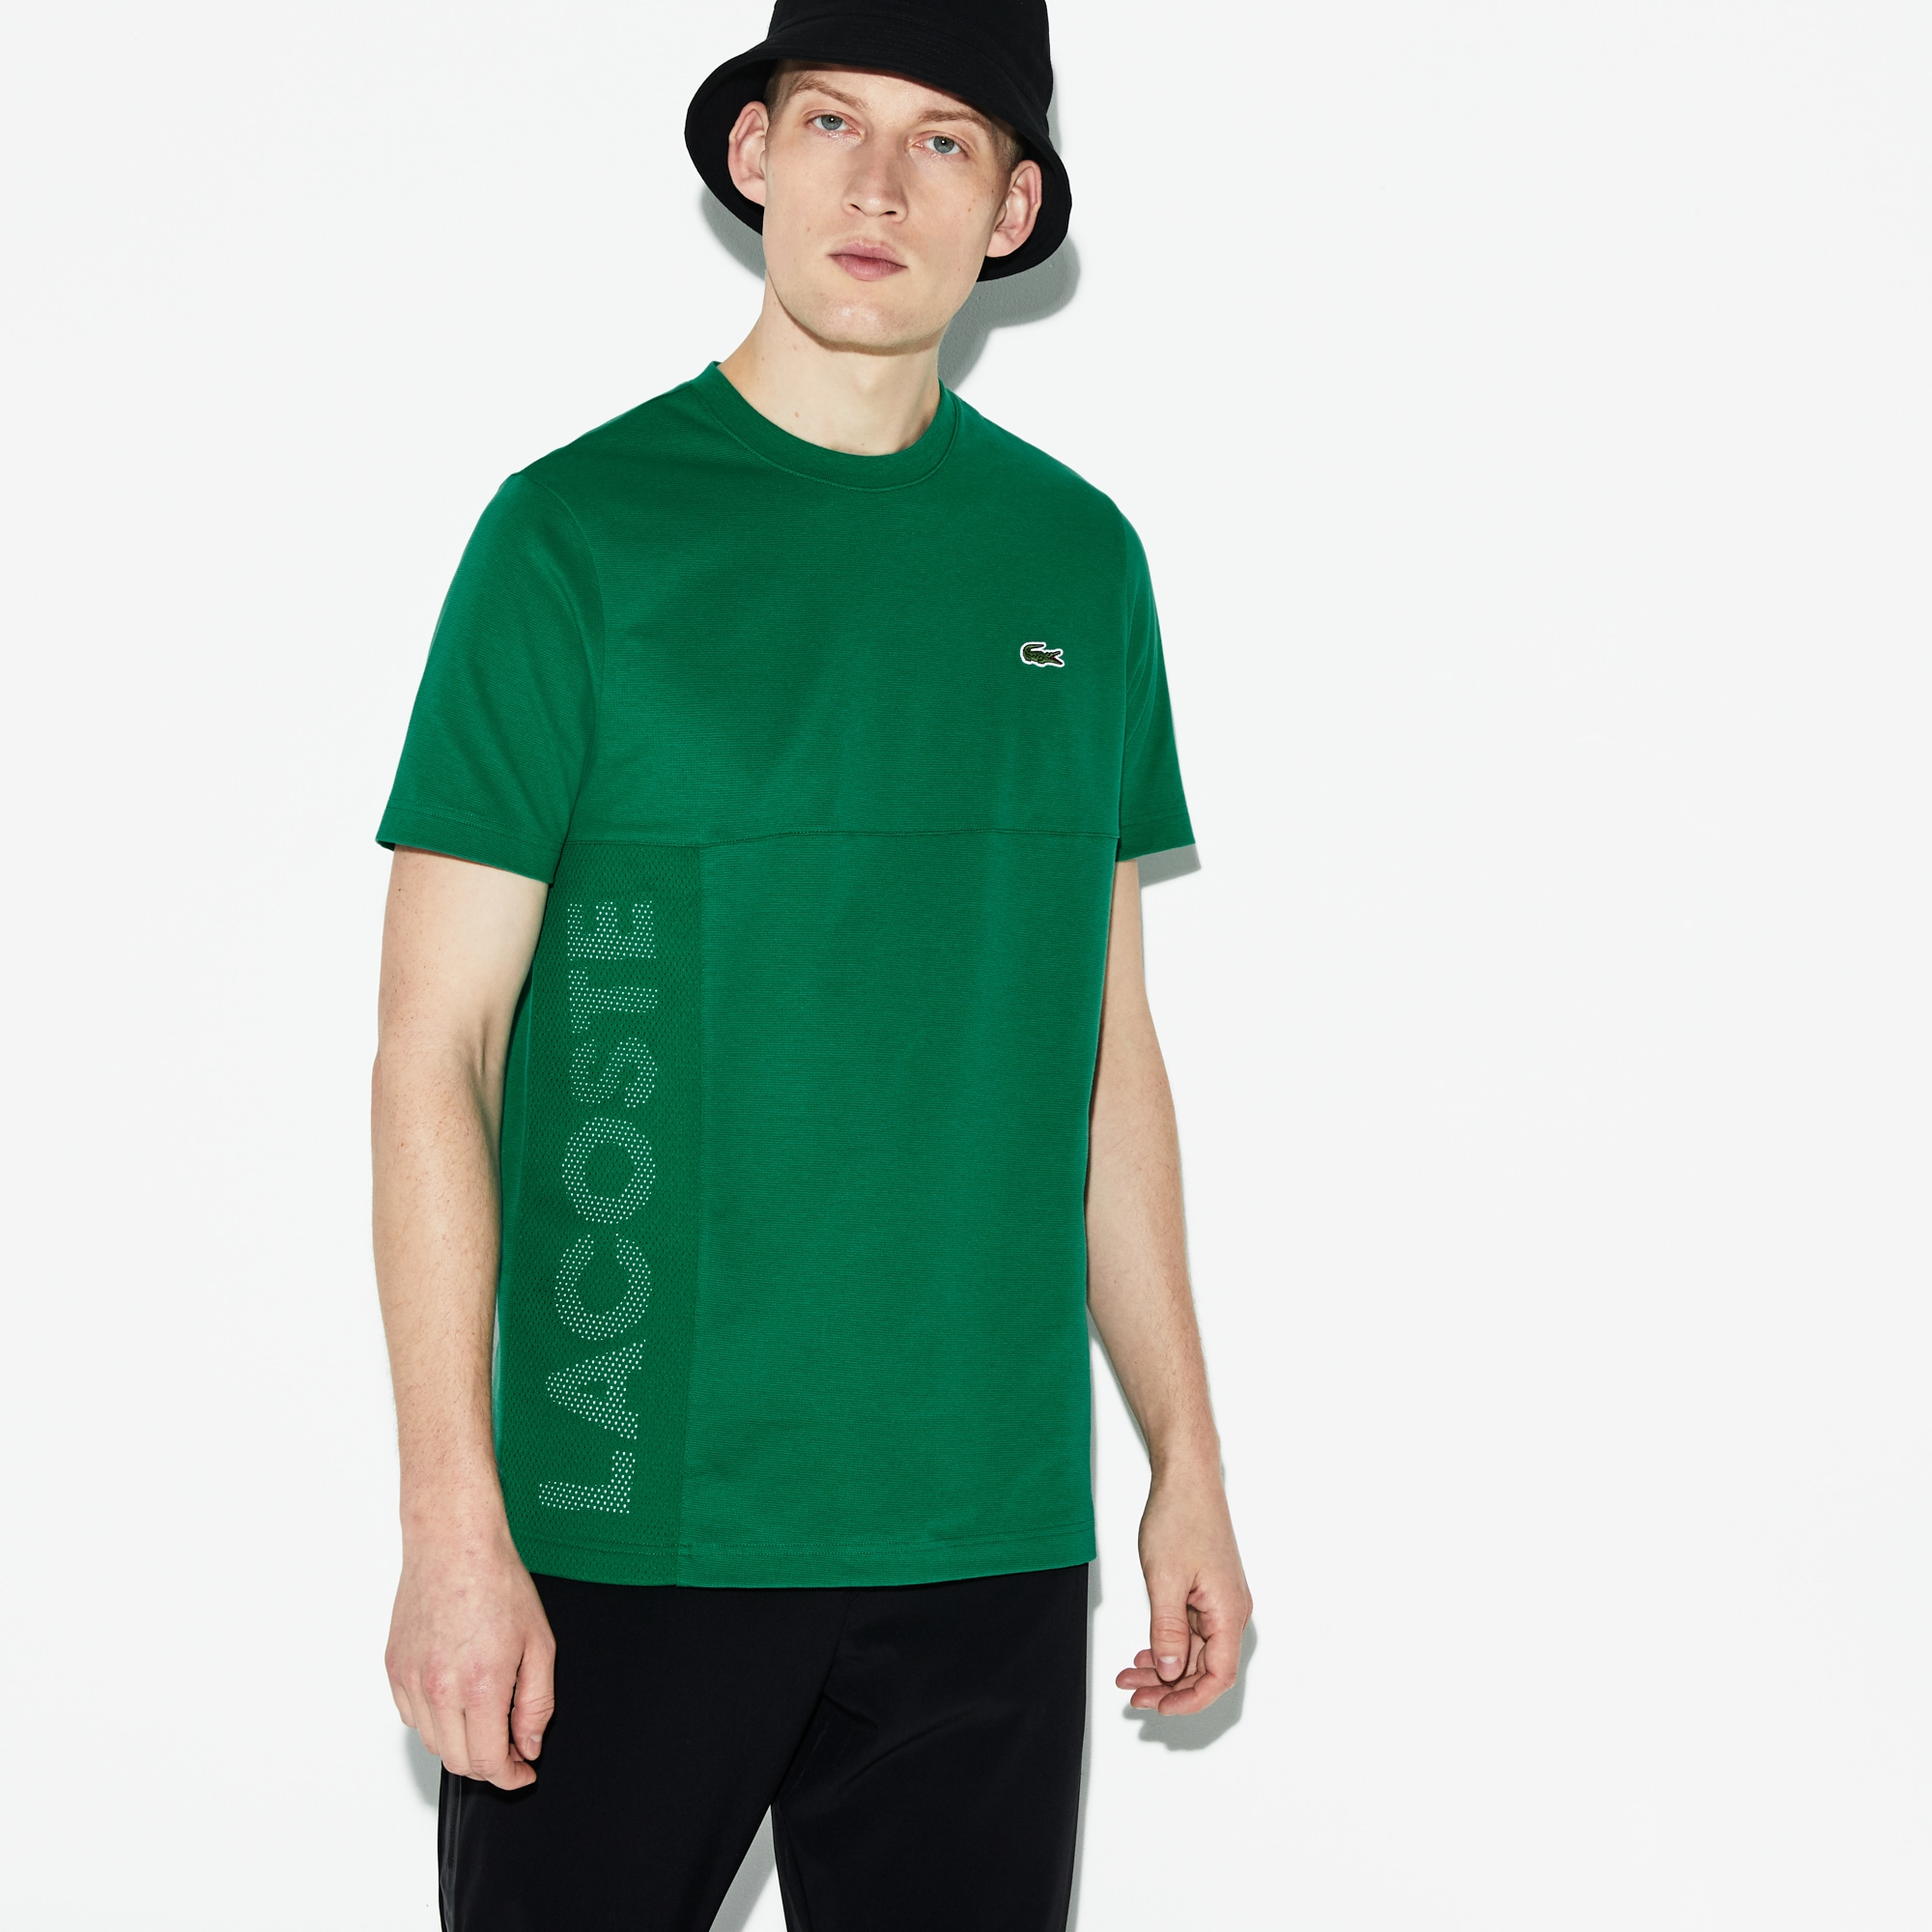 313aecc55 Men s T Shirts